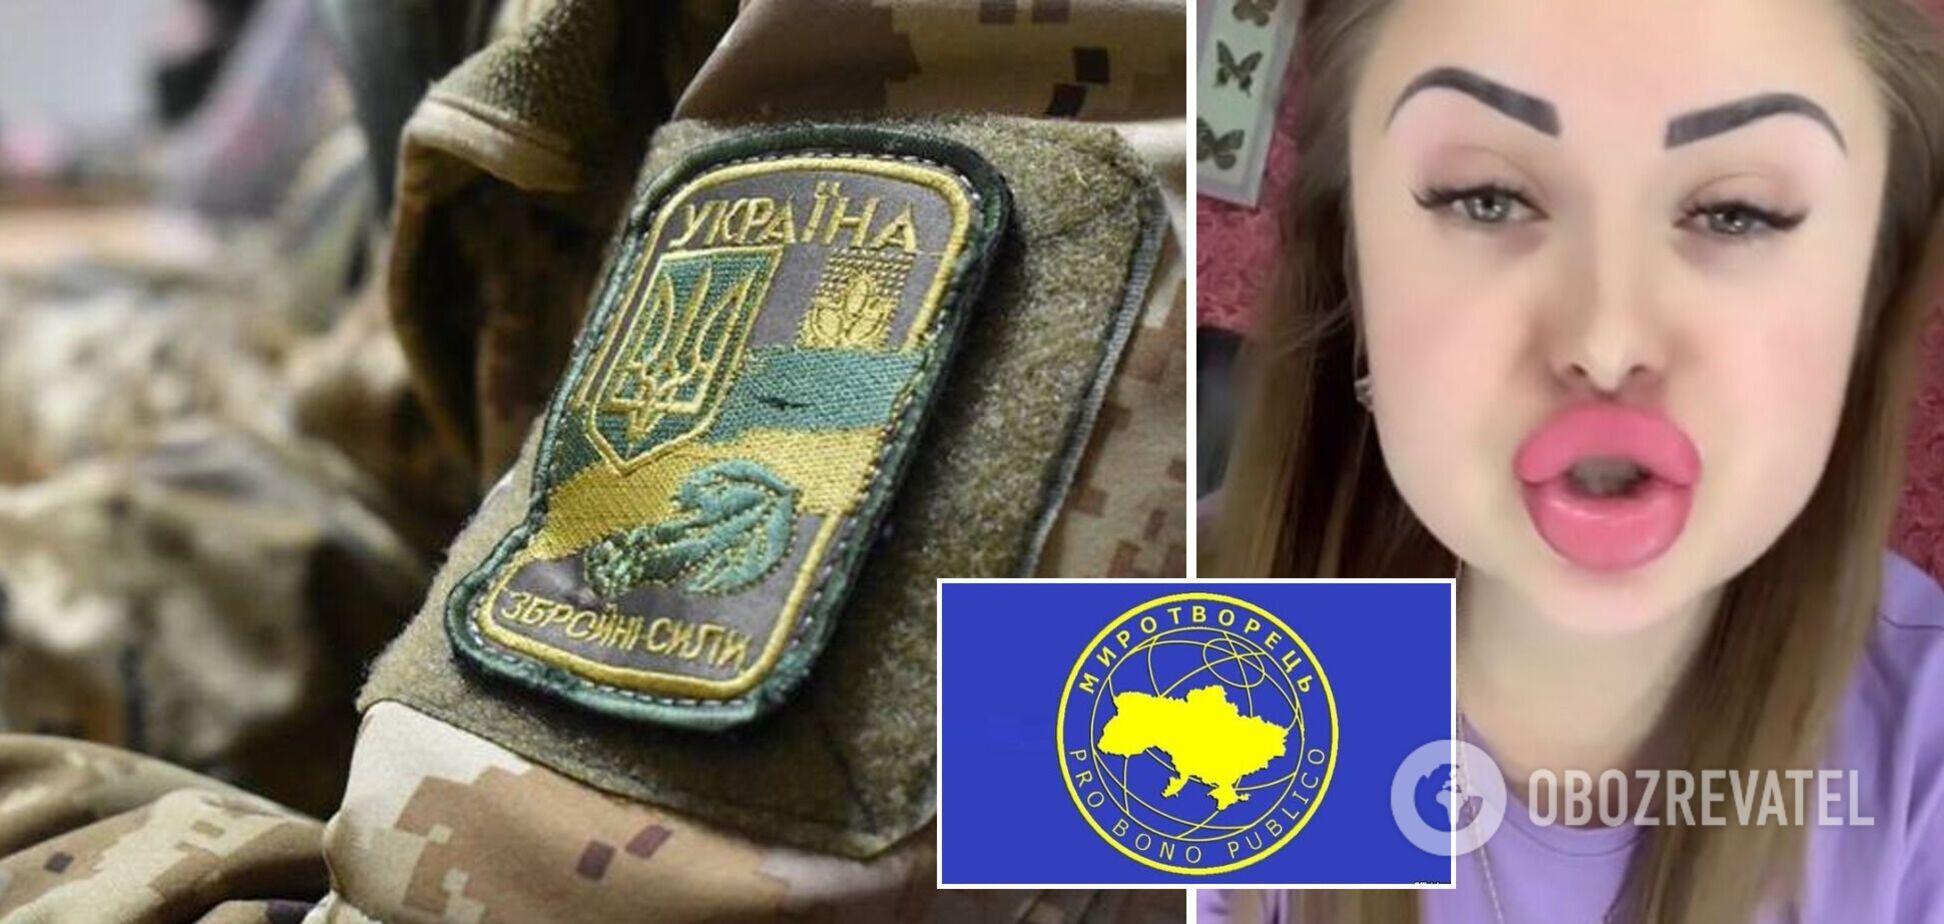 Оскорбившая военных девушка из Чугуева попала в базу 'Миротворца'. Фото